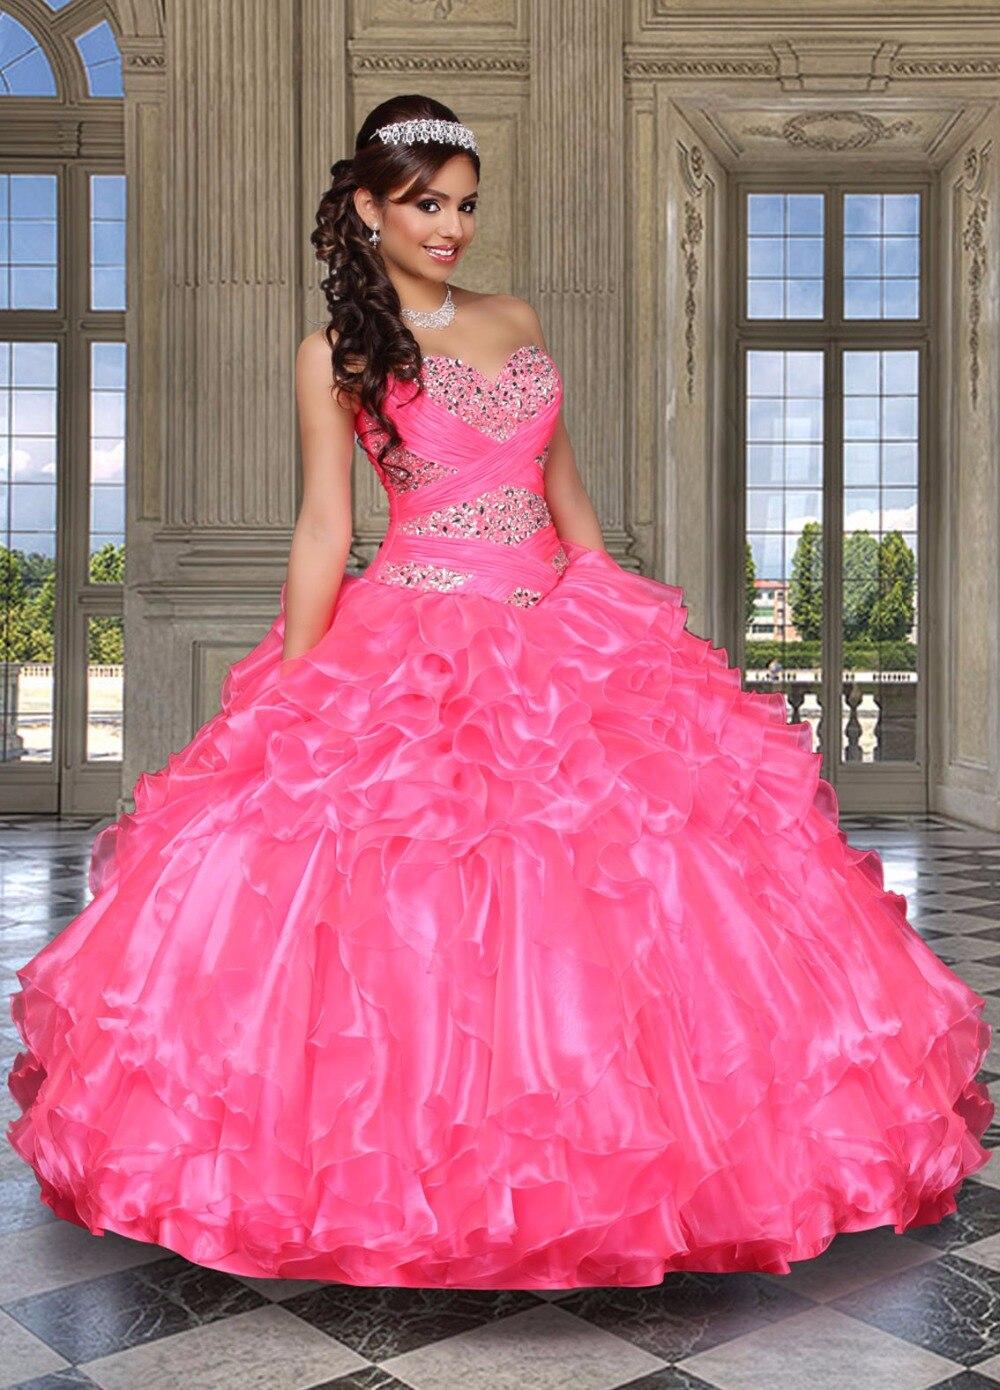 Dulce 16 Vestidos de Cristales de Color Rosa Caliente vestido de ...